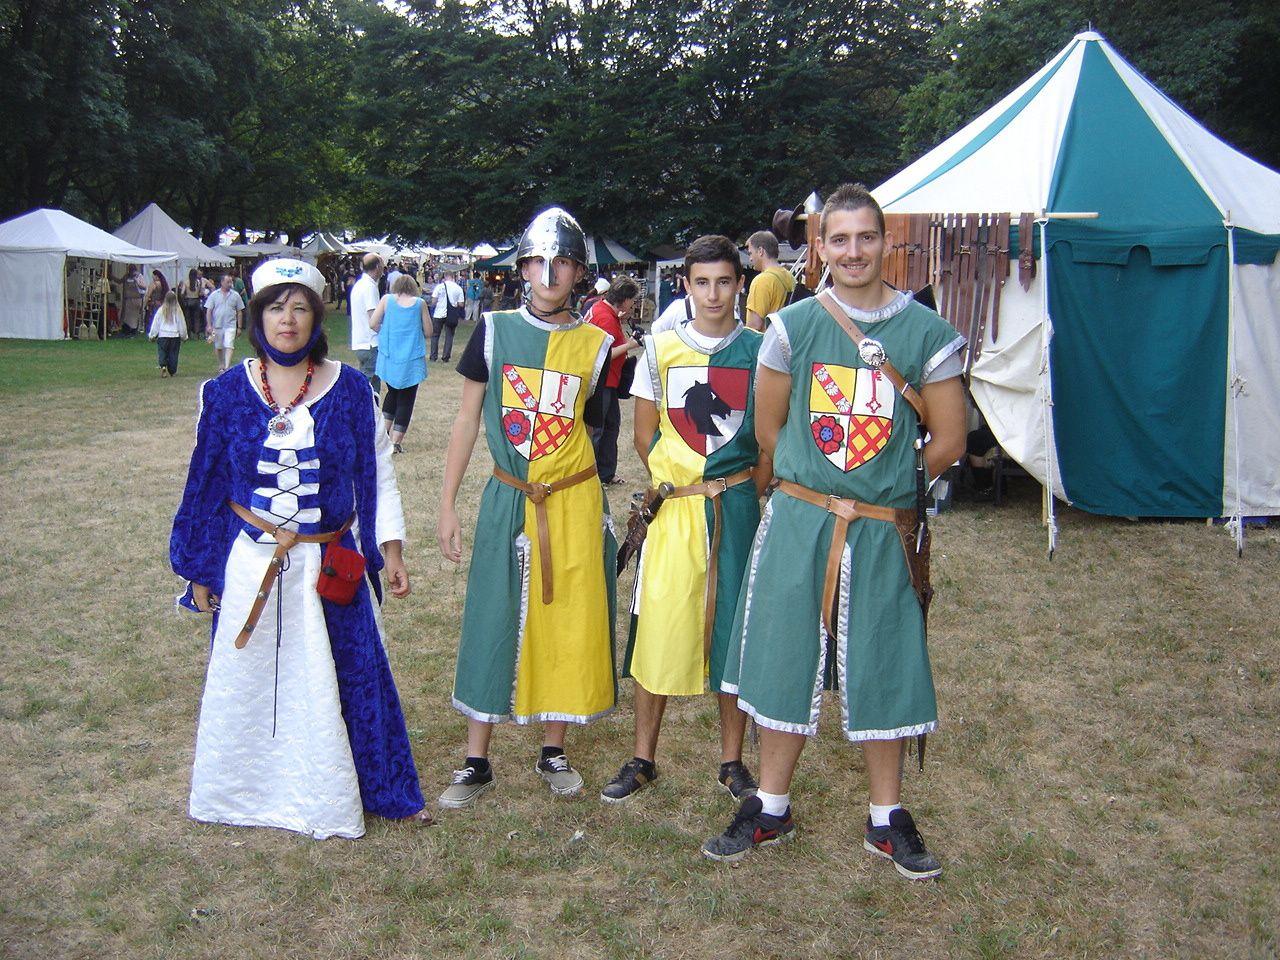 Samedi 18 juin un petit tour à la fête médiévale à Pirmasens nous avons rencontrés des personnes très sympathiques, le spectacle de feu étais super.